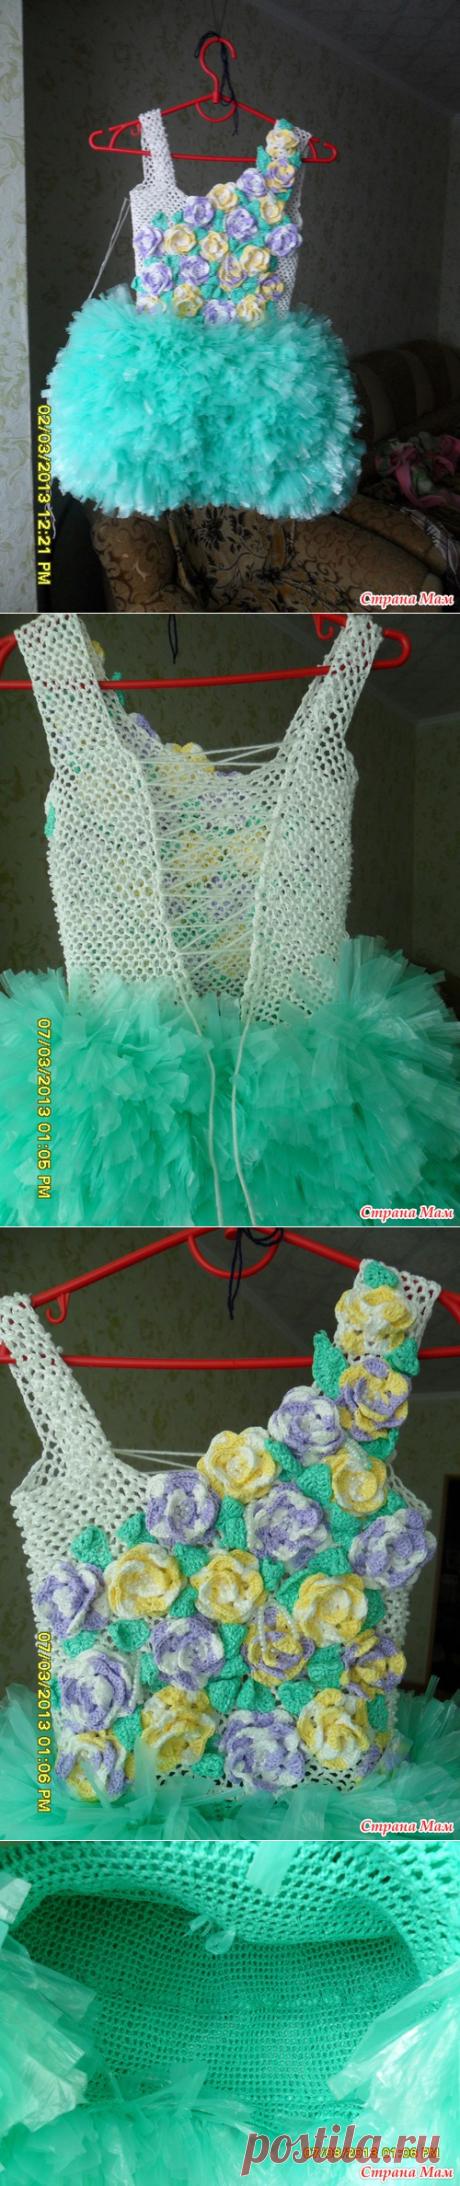 Платье из мусорных пакетов крючком!!! - Вязание для детей - Страна Мам